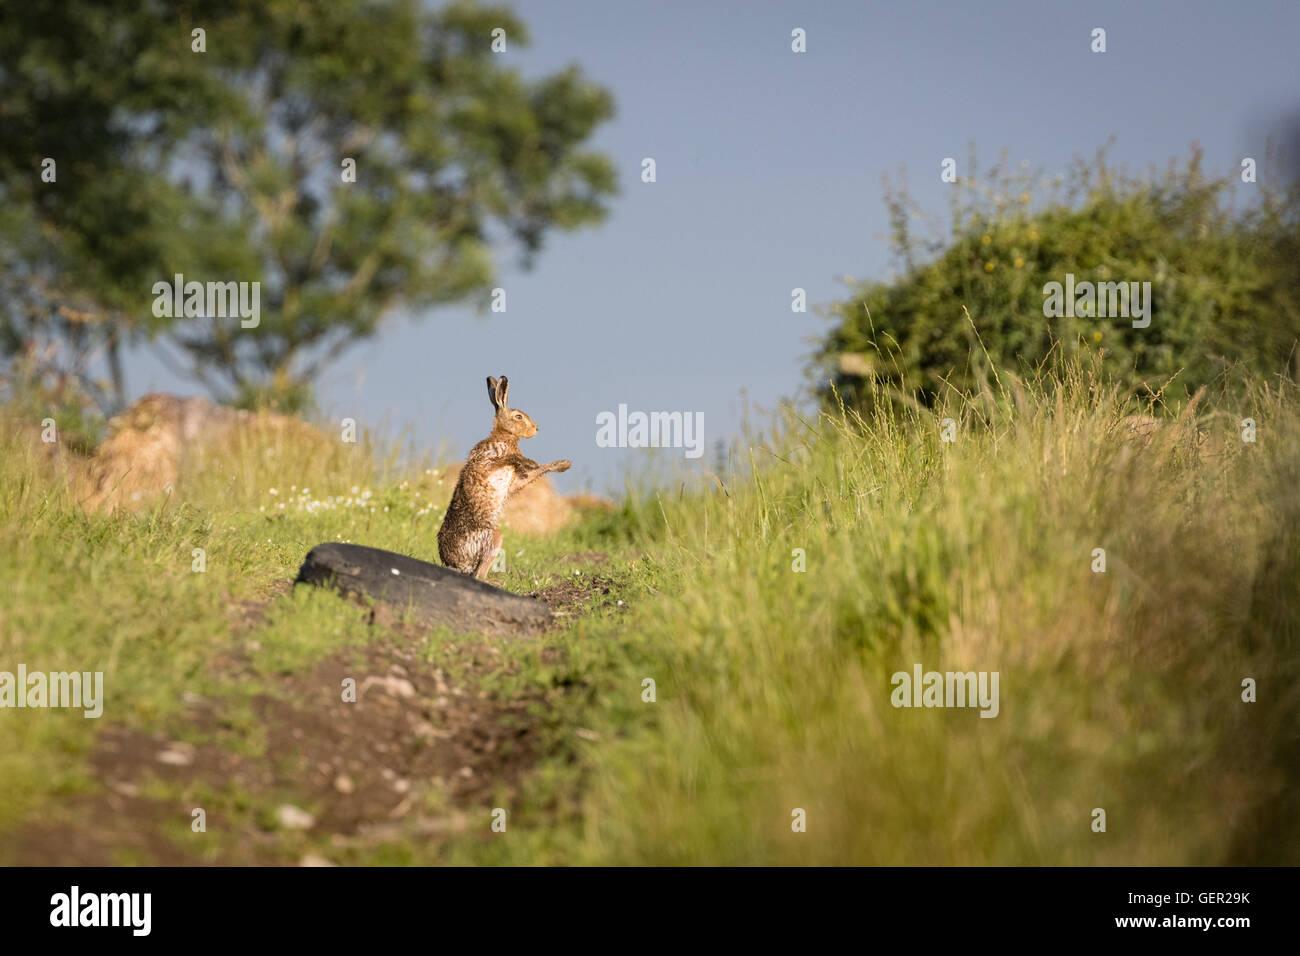 Brown Hare en una ruta, el boxeo de sombra, mojados de bañarse en el charco (Lepus europaeus) Imagen De Stock